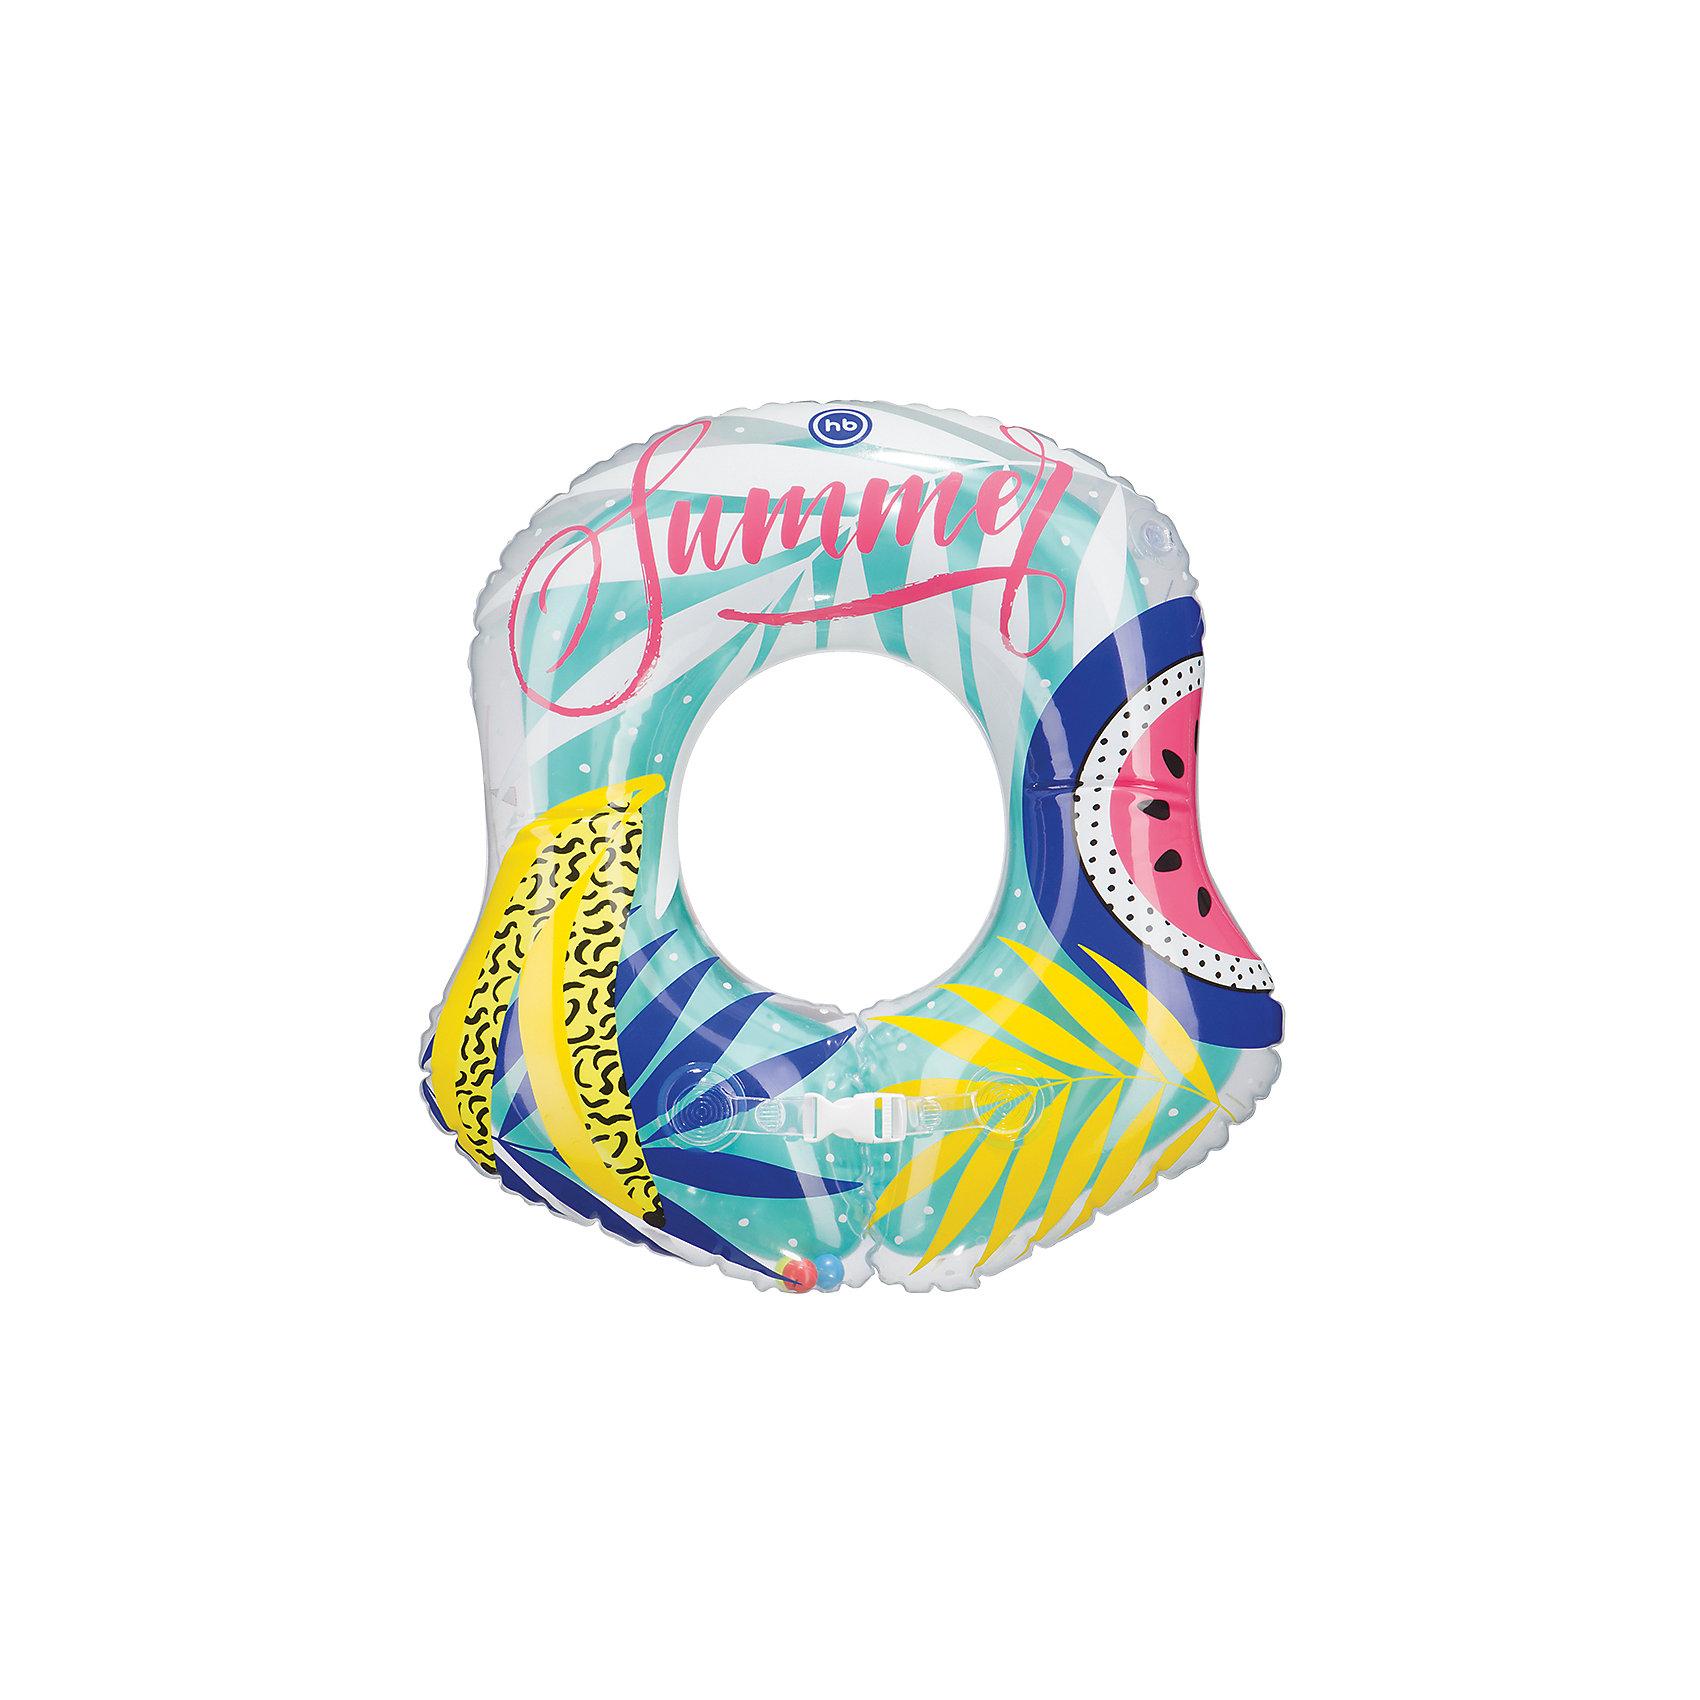 Круг для плавания Baloo, Happy BabyКруги для купания малыша<br>Характеристики:<br><br>• надувной круг для плавания;<br>• погремушка внутри круга;<br>• принт: лето;<br>• материал: ПВХ;<br>• размер упаковки: 21х27,5х4 см;<br>• вес: 40 г.<br><br>Надувной круг для плавания делает купание ребенка безопаснее. Родителям необходимо соблюдать правила безопасности, полностью контролировать ситуацию. Круг удерживает кроху на поверхности воды, позволяет родителям объяснить малышу технику плавания. <br><br>Круг для плавания Baloo, Happy Baby можно купить в нашем интернет-магазине.<br><br>Ширина мм: 40<br>Глубина мм: 210<br>Высота мм: 275<br>Вес г: 202<br>Возраст от месяцев: 24<br>Возраст до месяцев: 2147483647<br>Пол: Унисекс<br>Возраст: Детский<br>SKU: 6679327